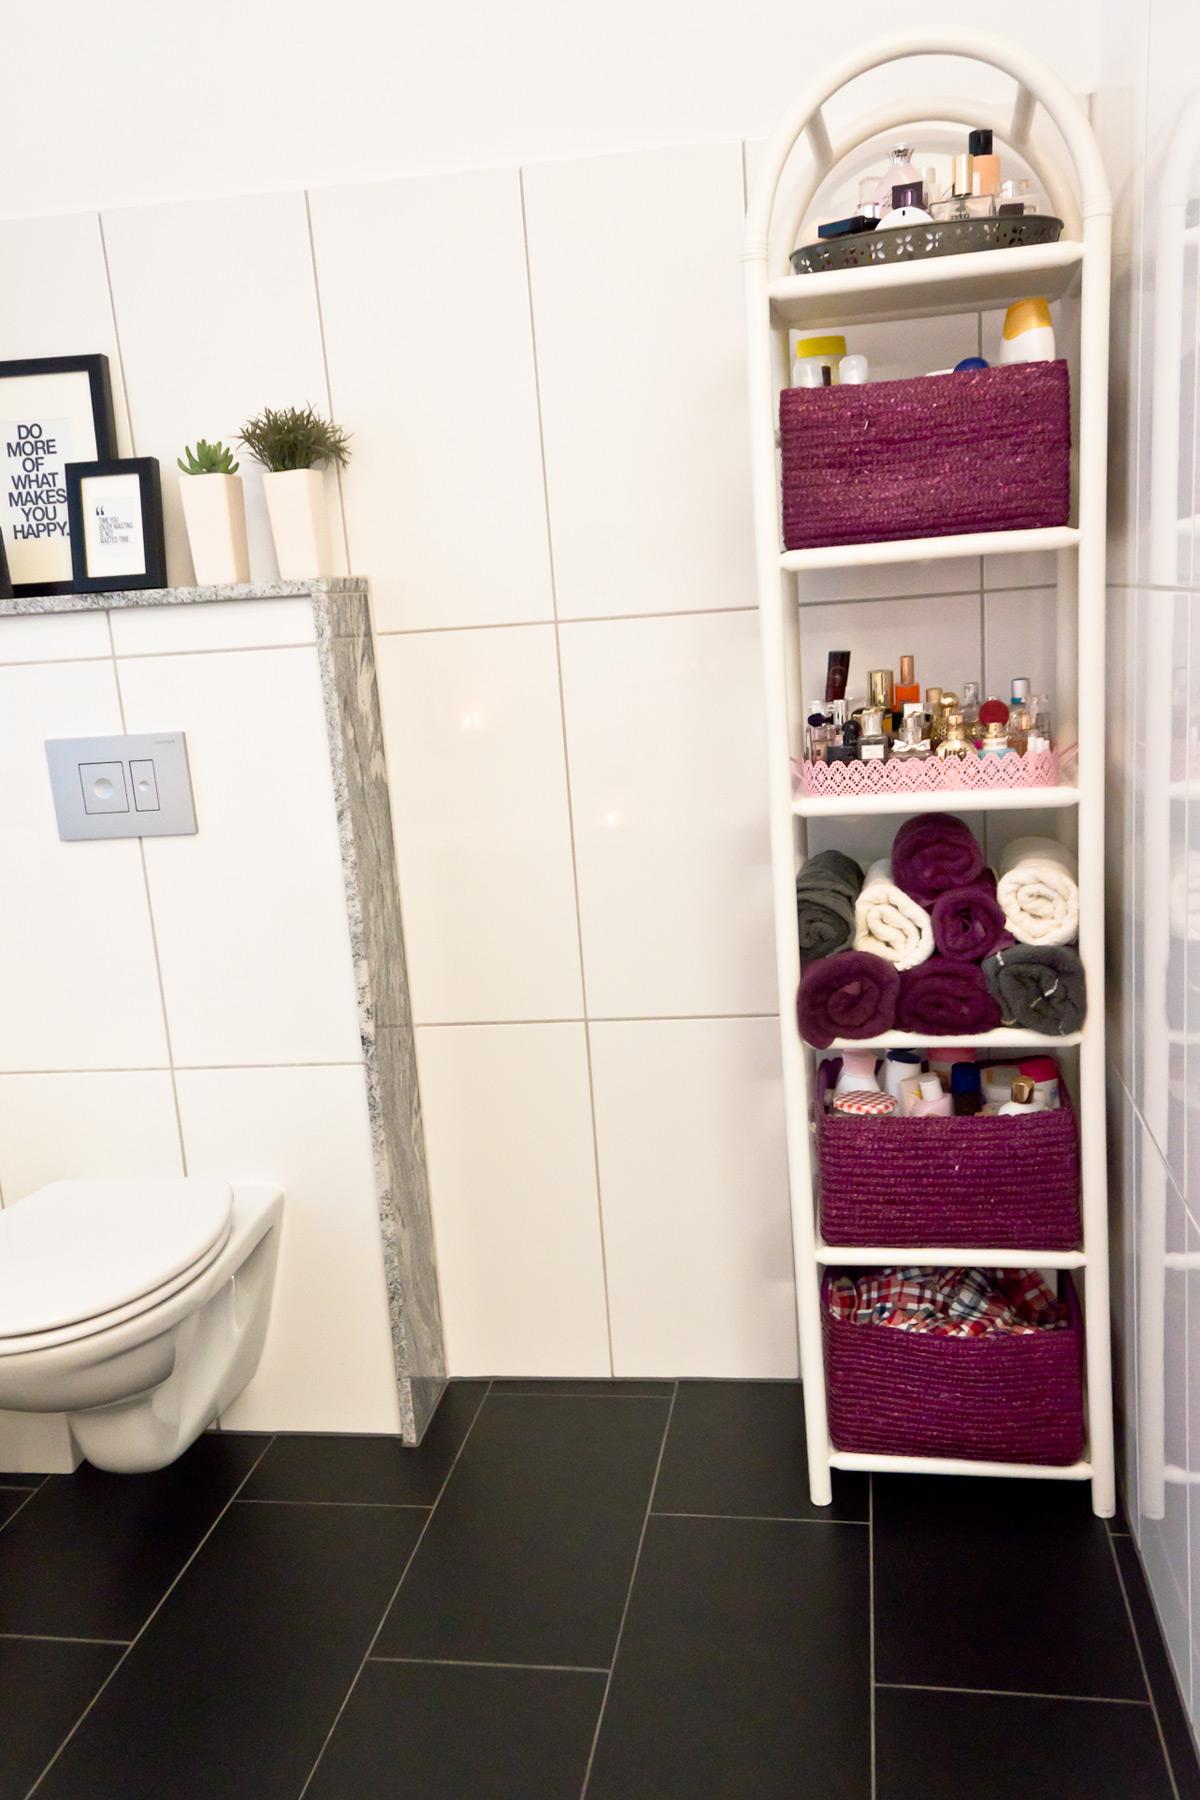 Dänisches Bettenlager Badezimmer: Badezimmermöbel Dänisches